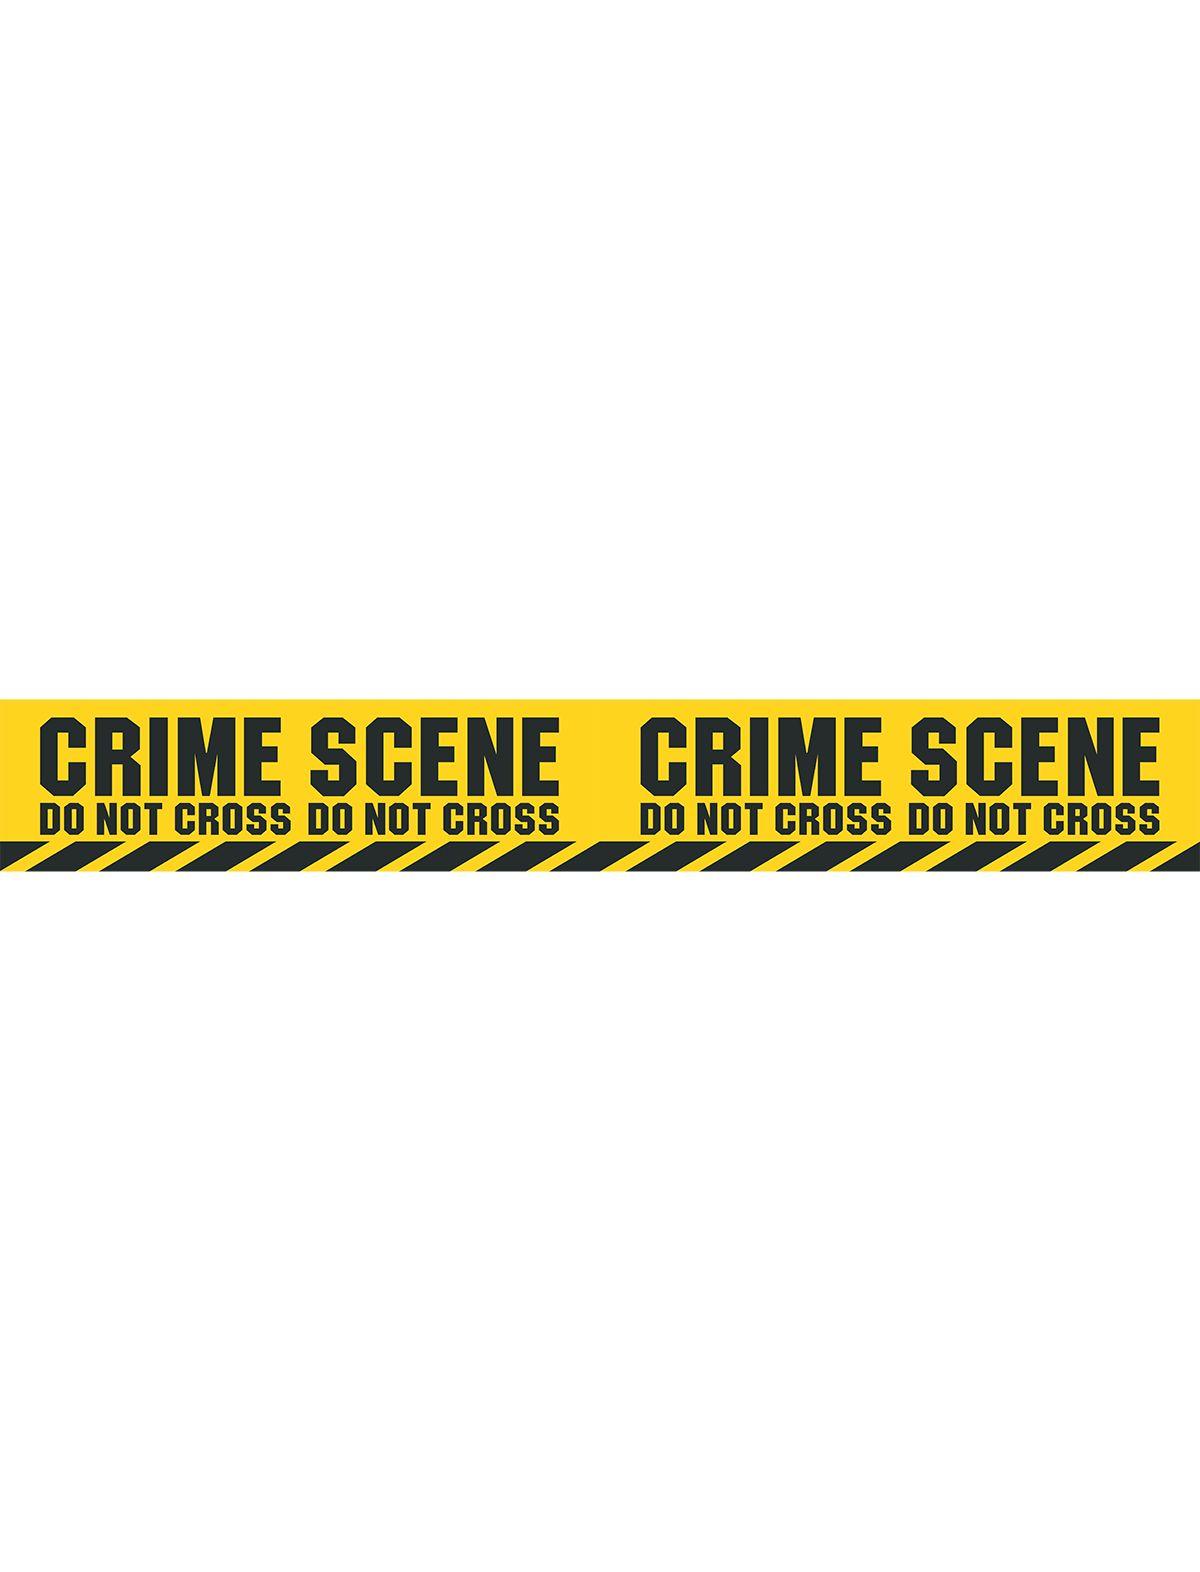 Absperrband Polizei Crime Scene